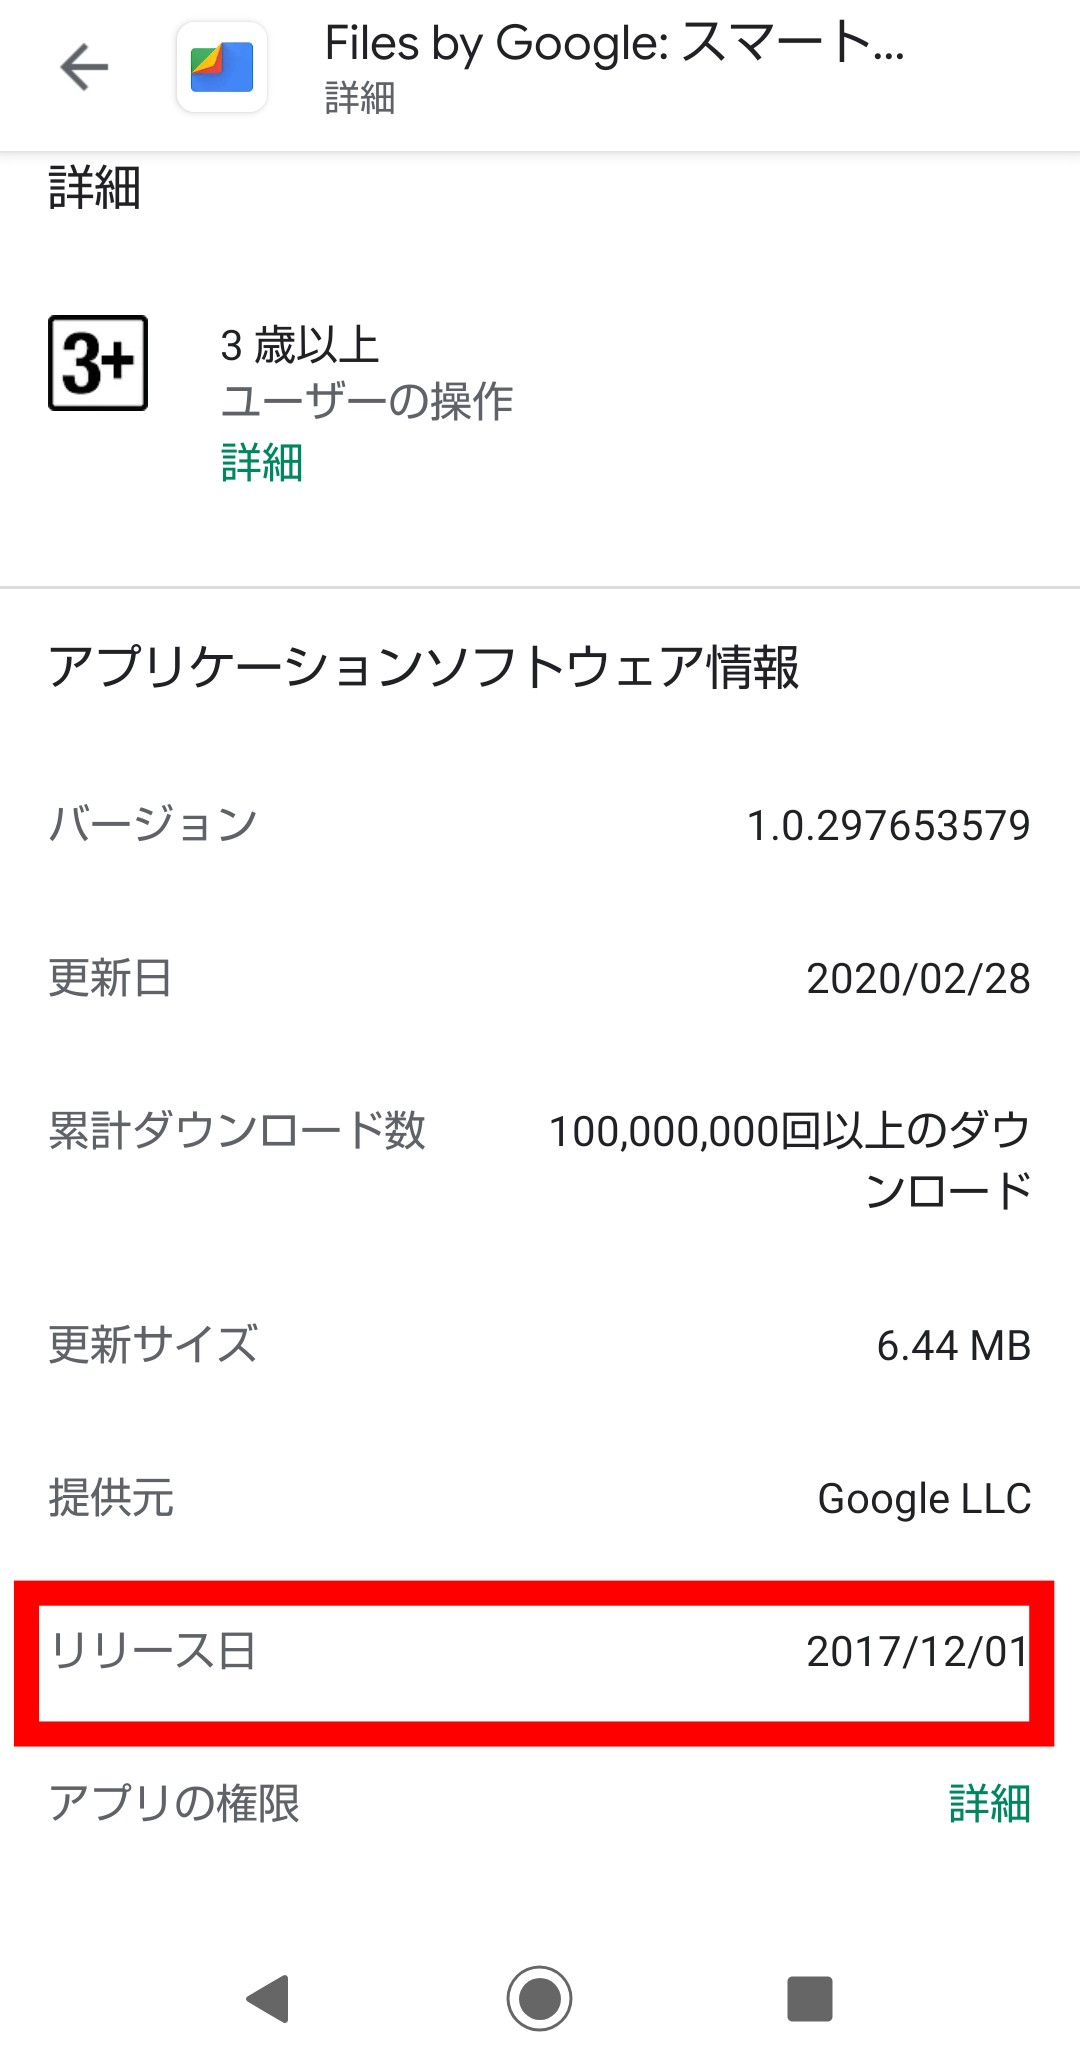 アプリの公開日